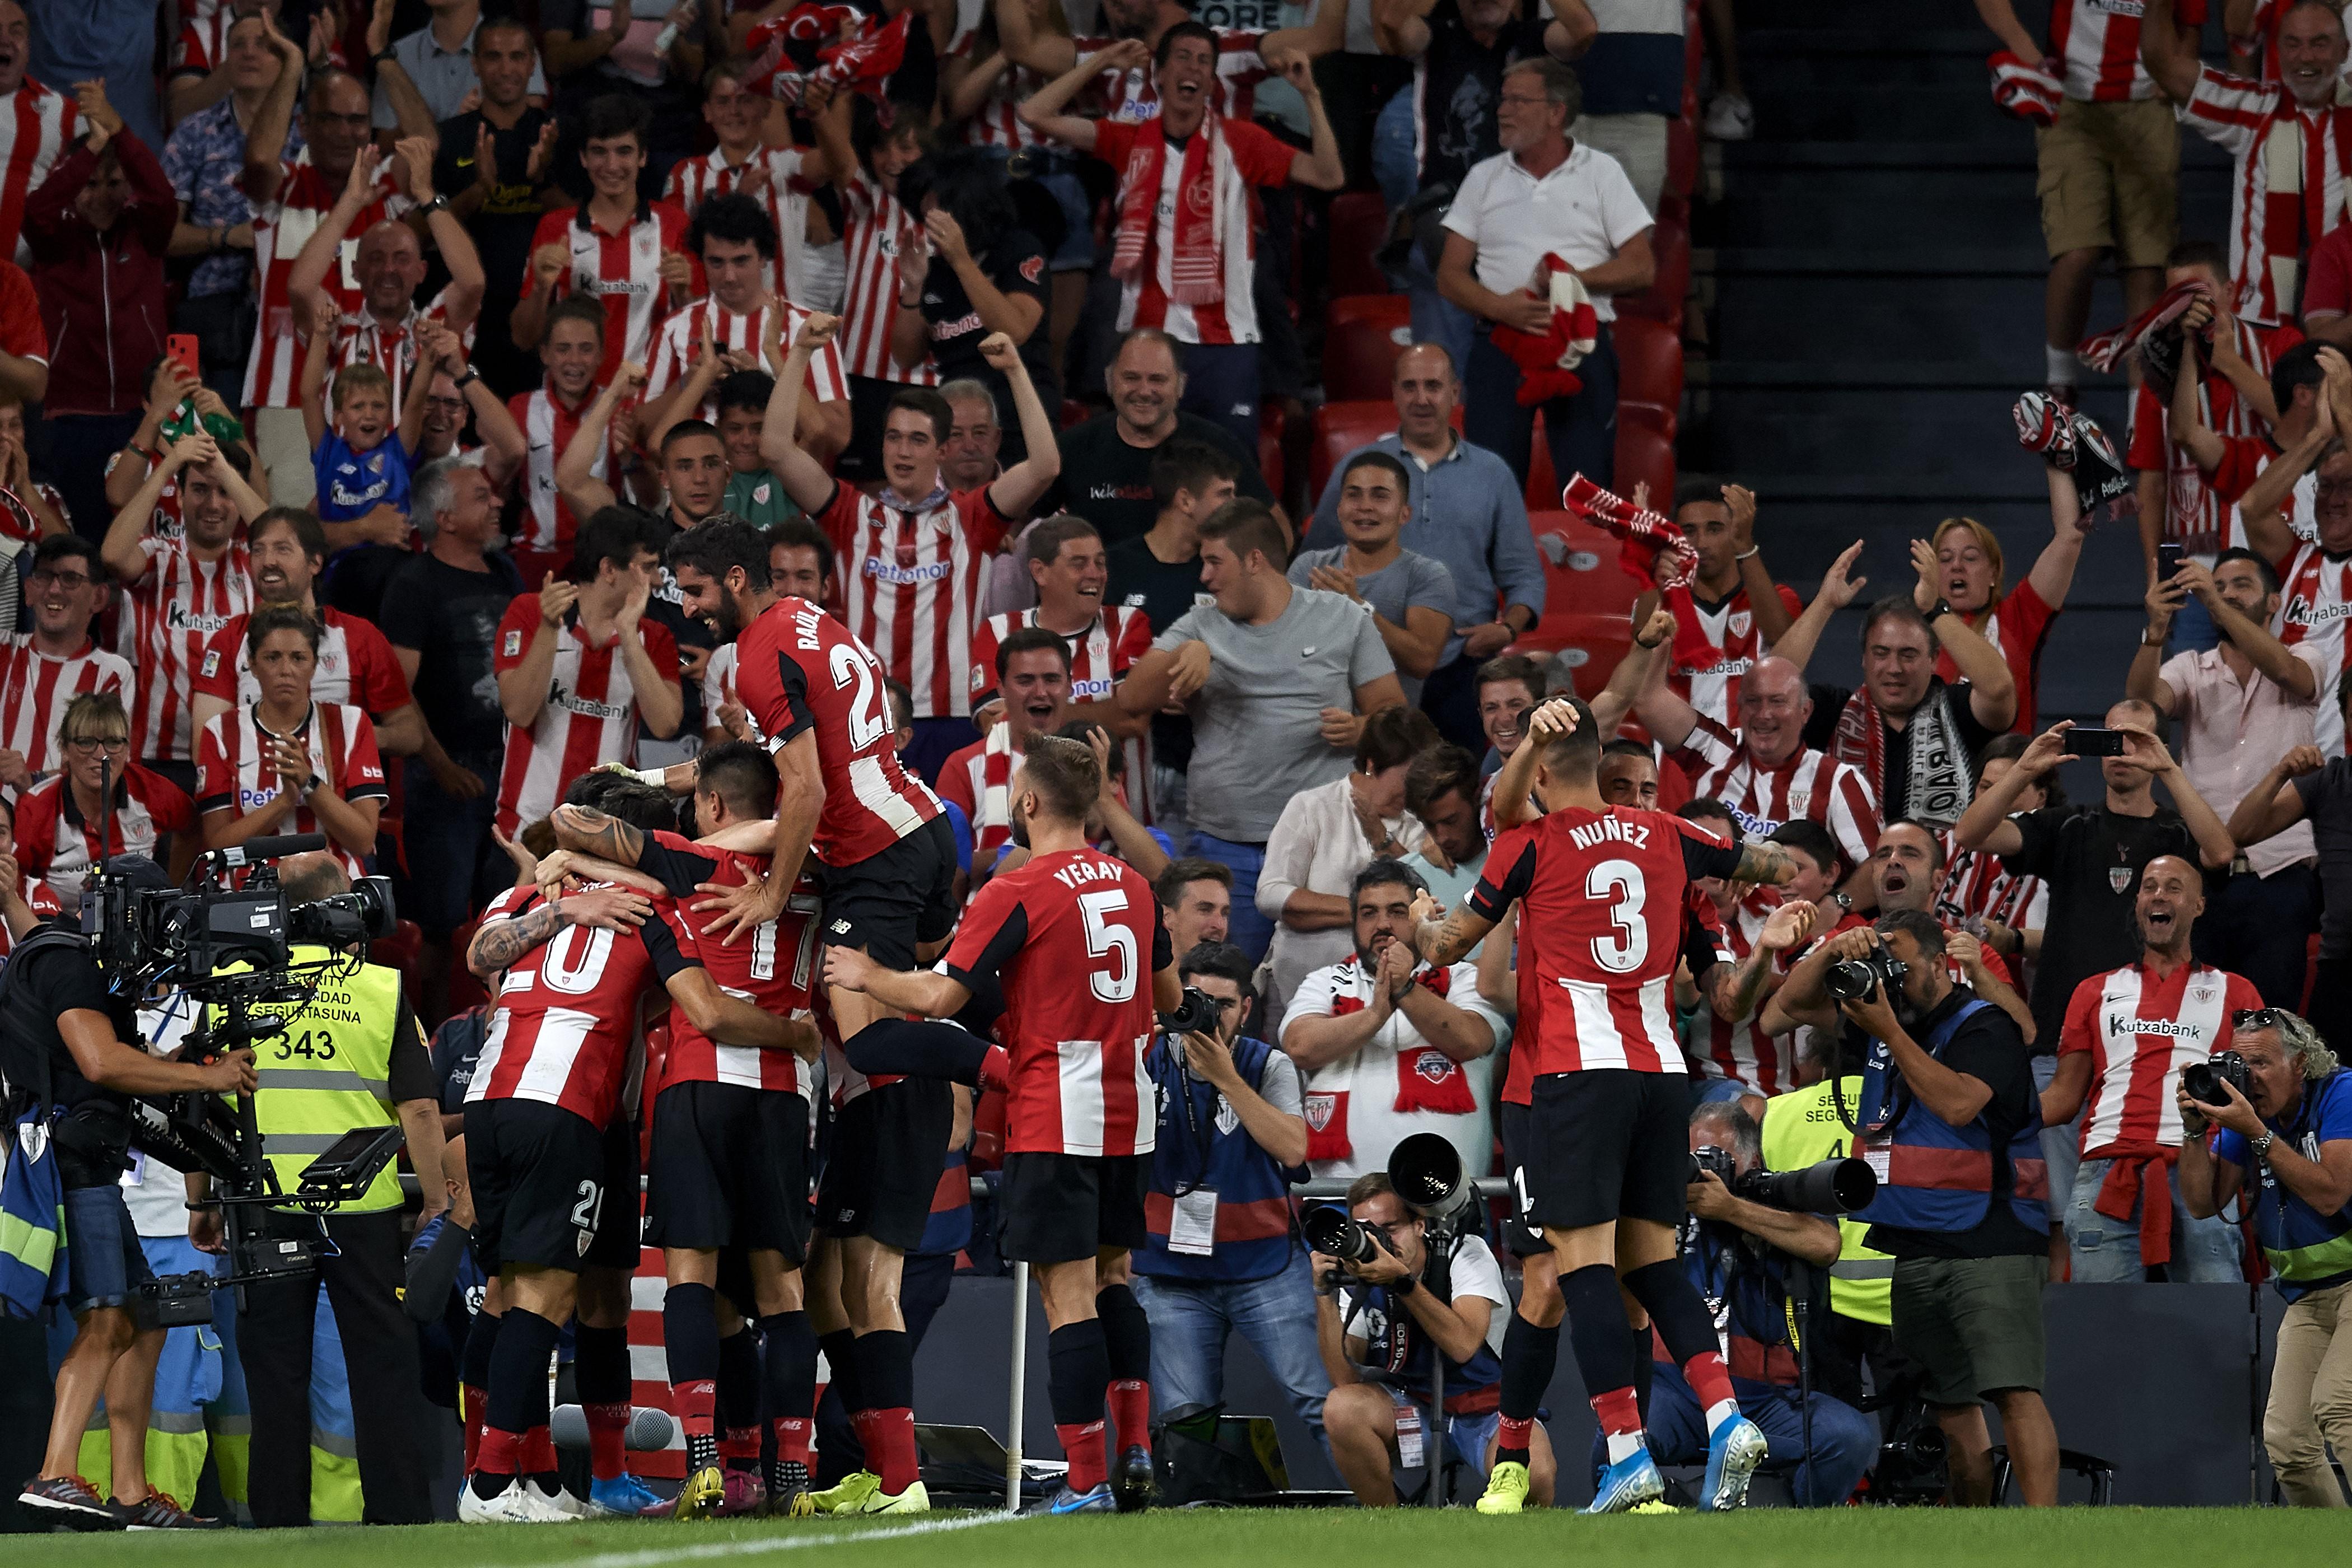 Les joueurs de l'Athletic Bilbao fêtent le but d'Aritz Aduriz face au FC Barcelone lors de la 1re journée